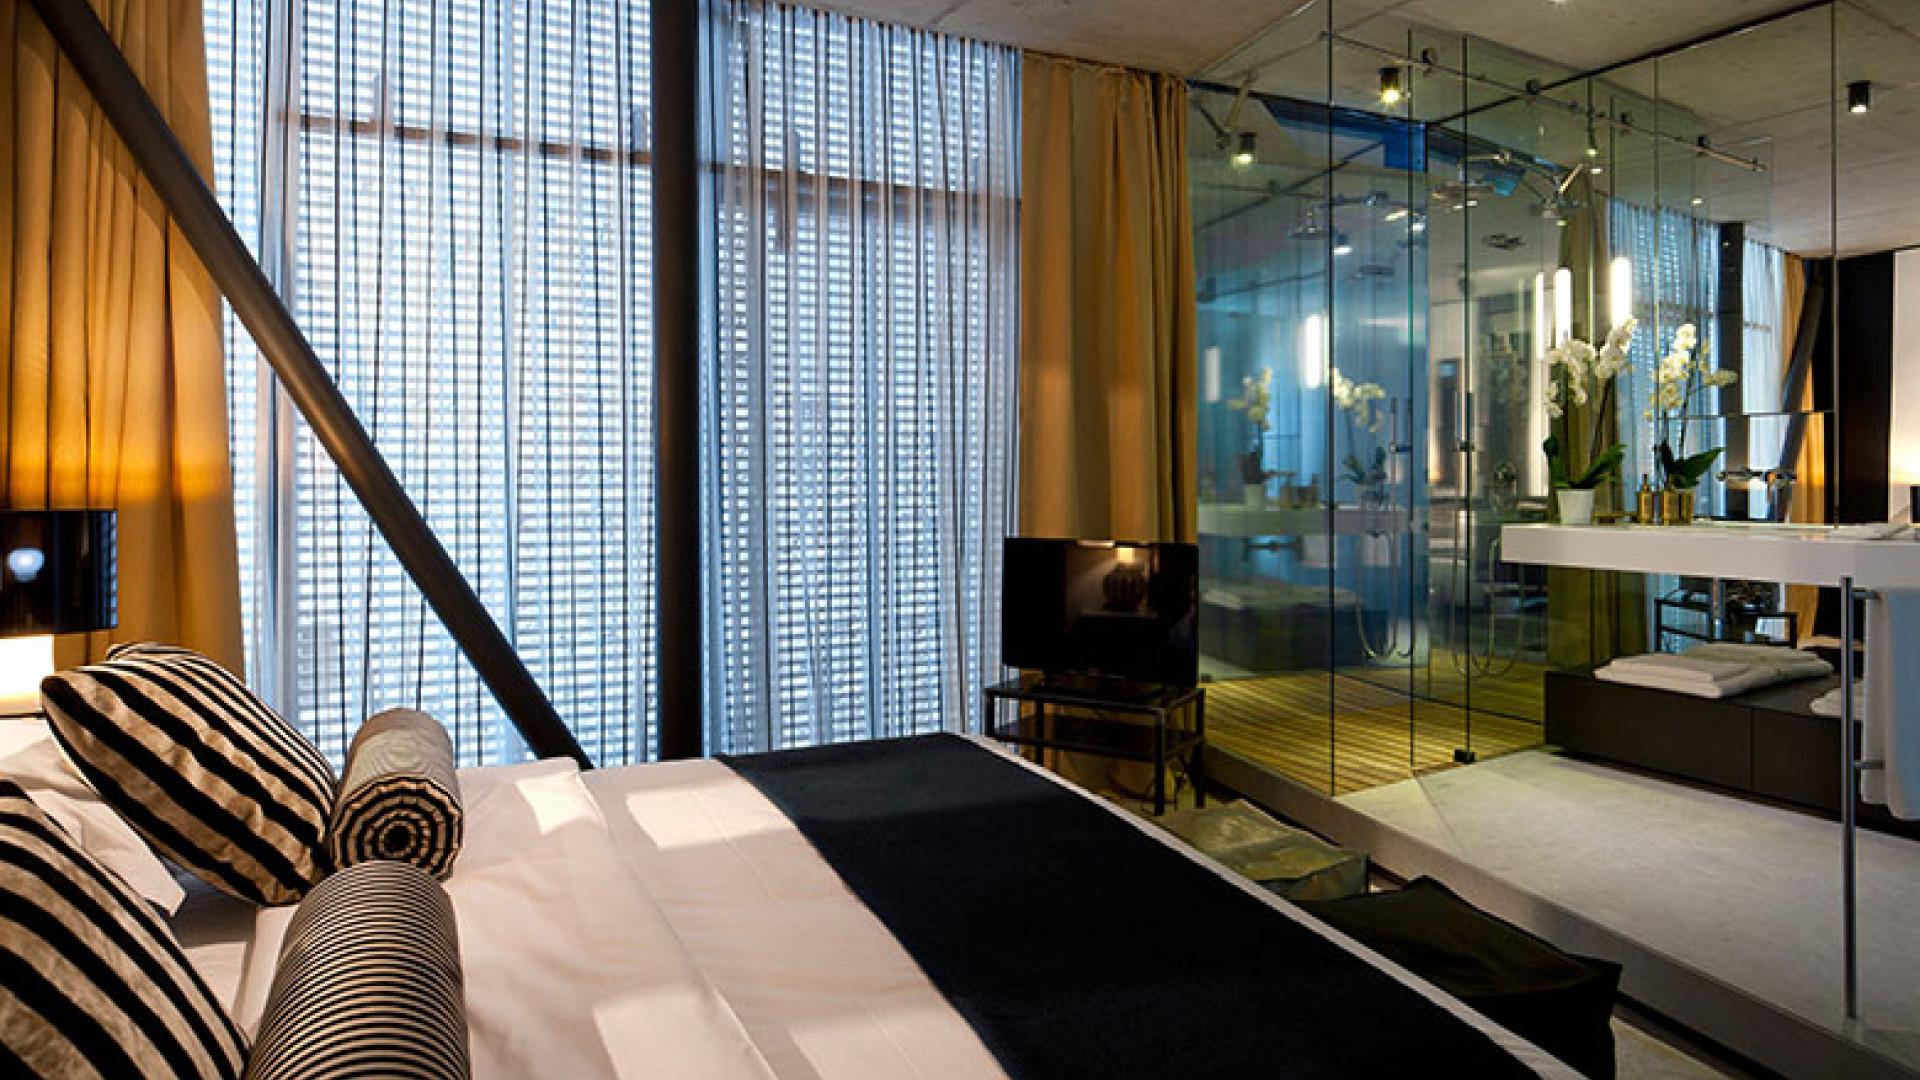 Istanbullux-Suites